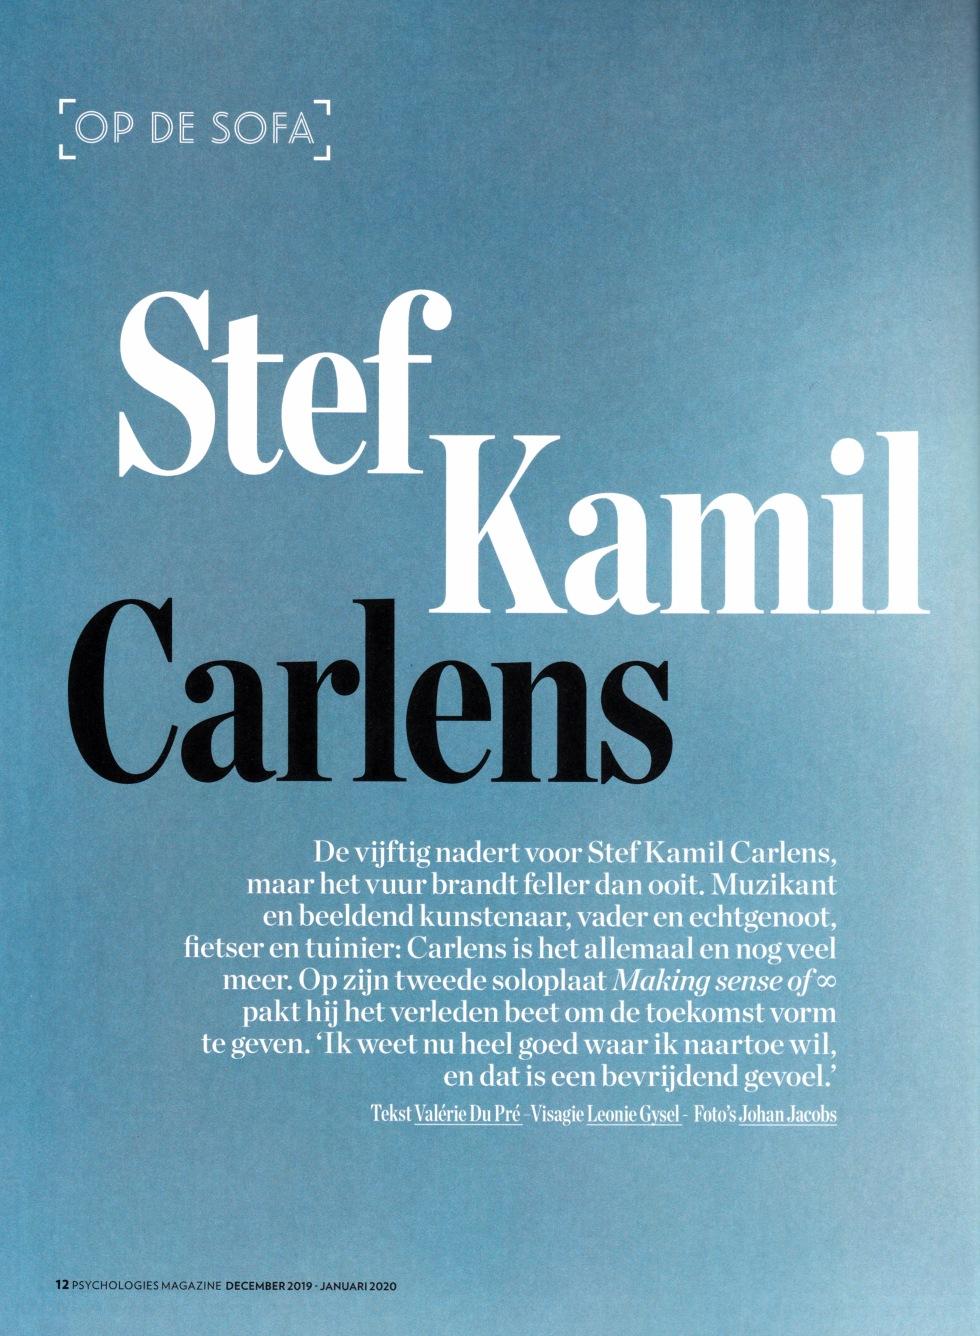 Psychologies Stef Kamil Carlens winter 2019